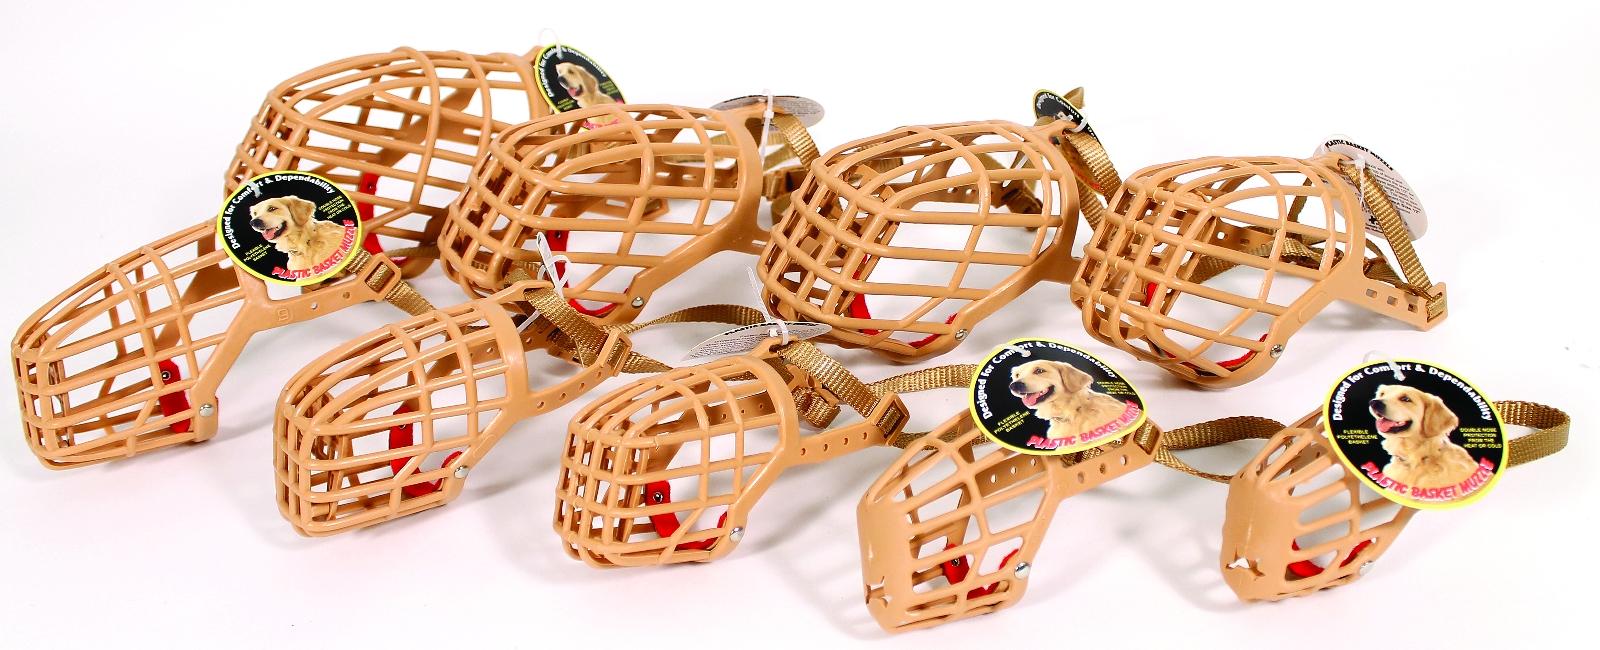 Plastic Basket Muzzle